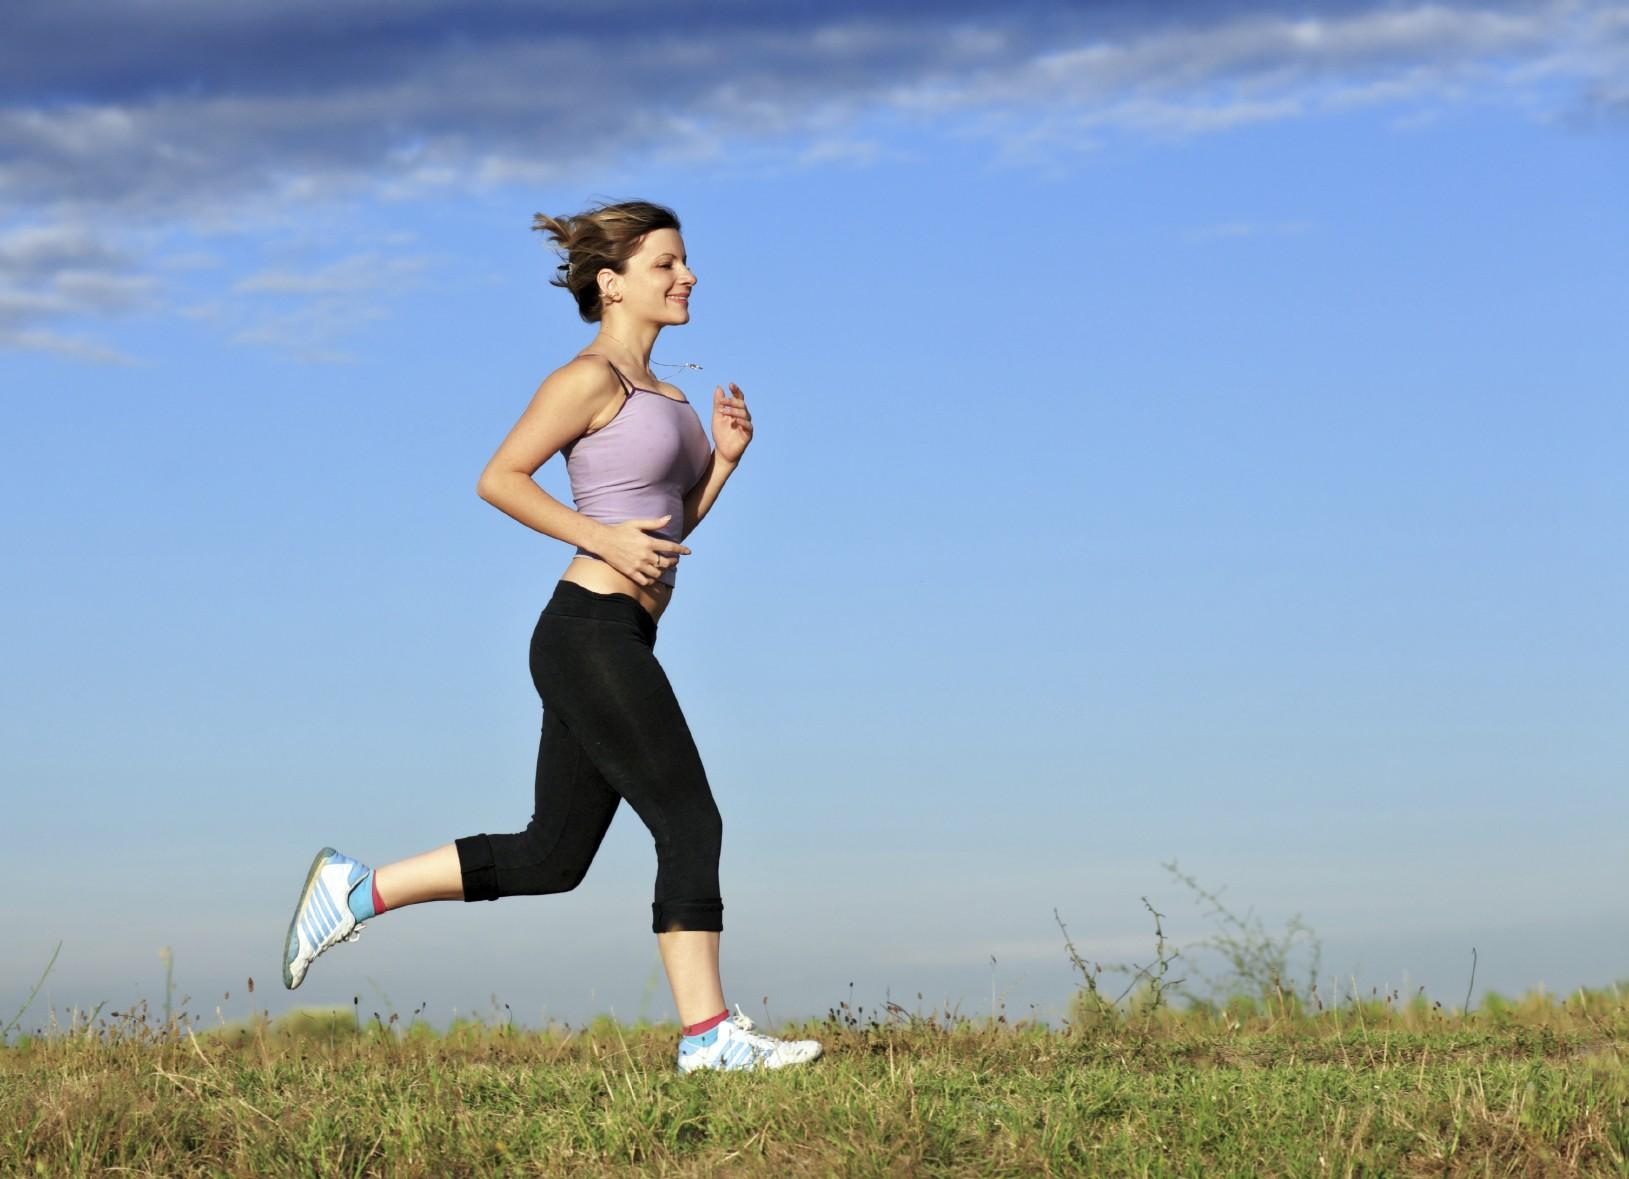 súlyemelés magas vérnyomás esetén 2020 új gyógyszer a magas vérnyomás ellen